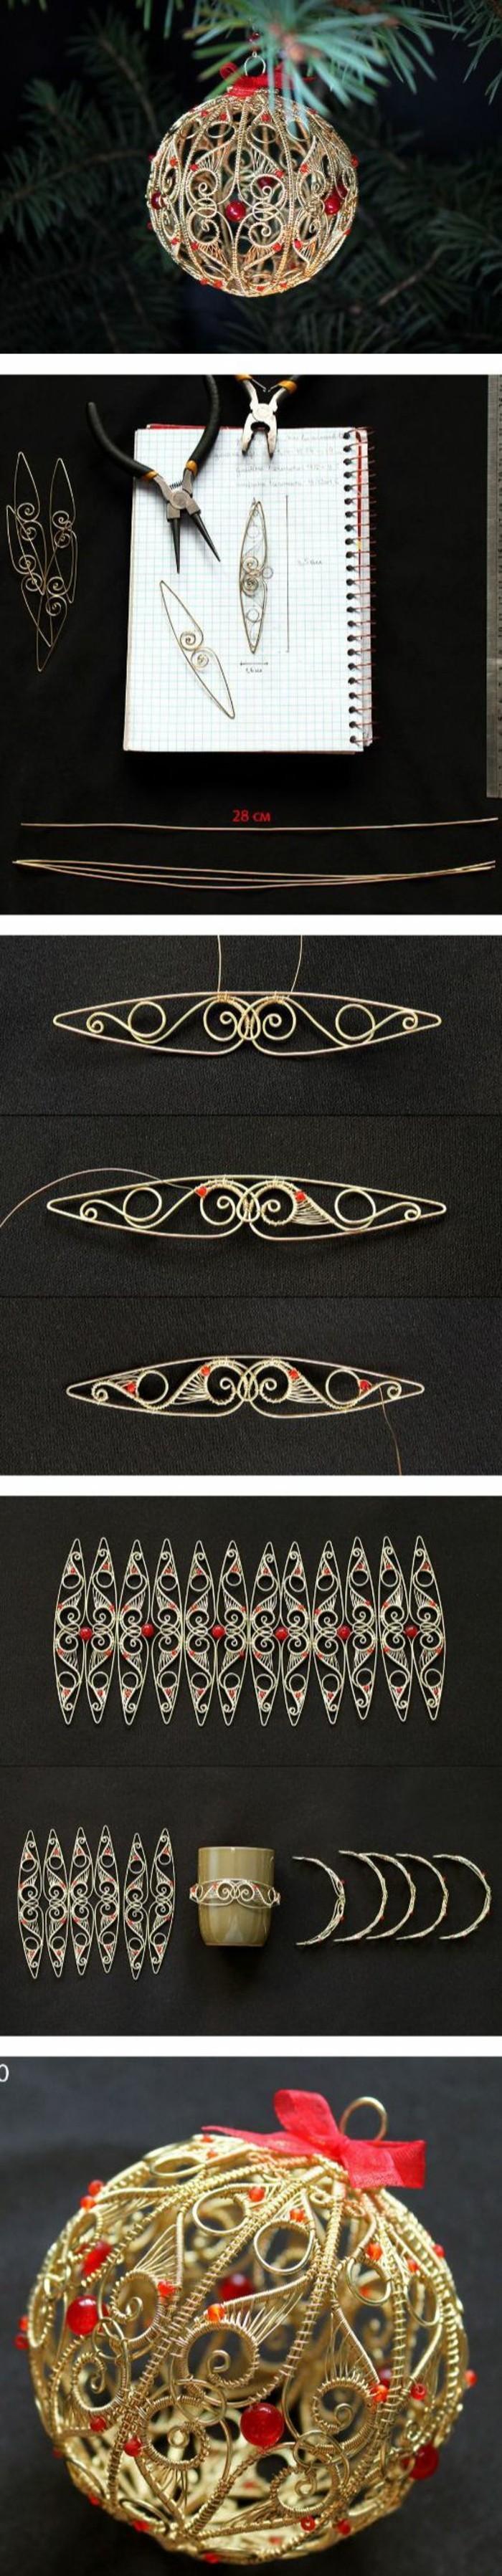 111-weihnachtsbasteileien-weihnachtskugel-aus-goldenen-ornamenren-gestalten